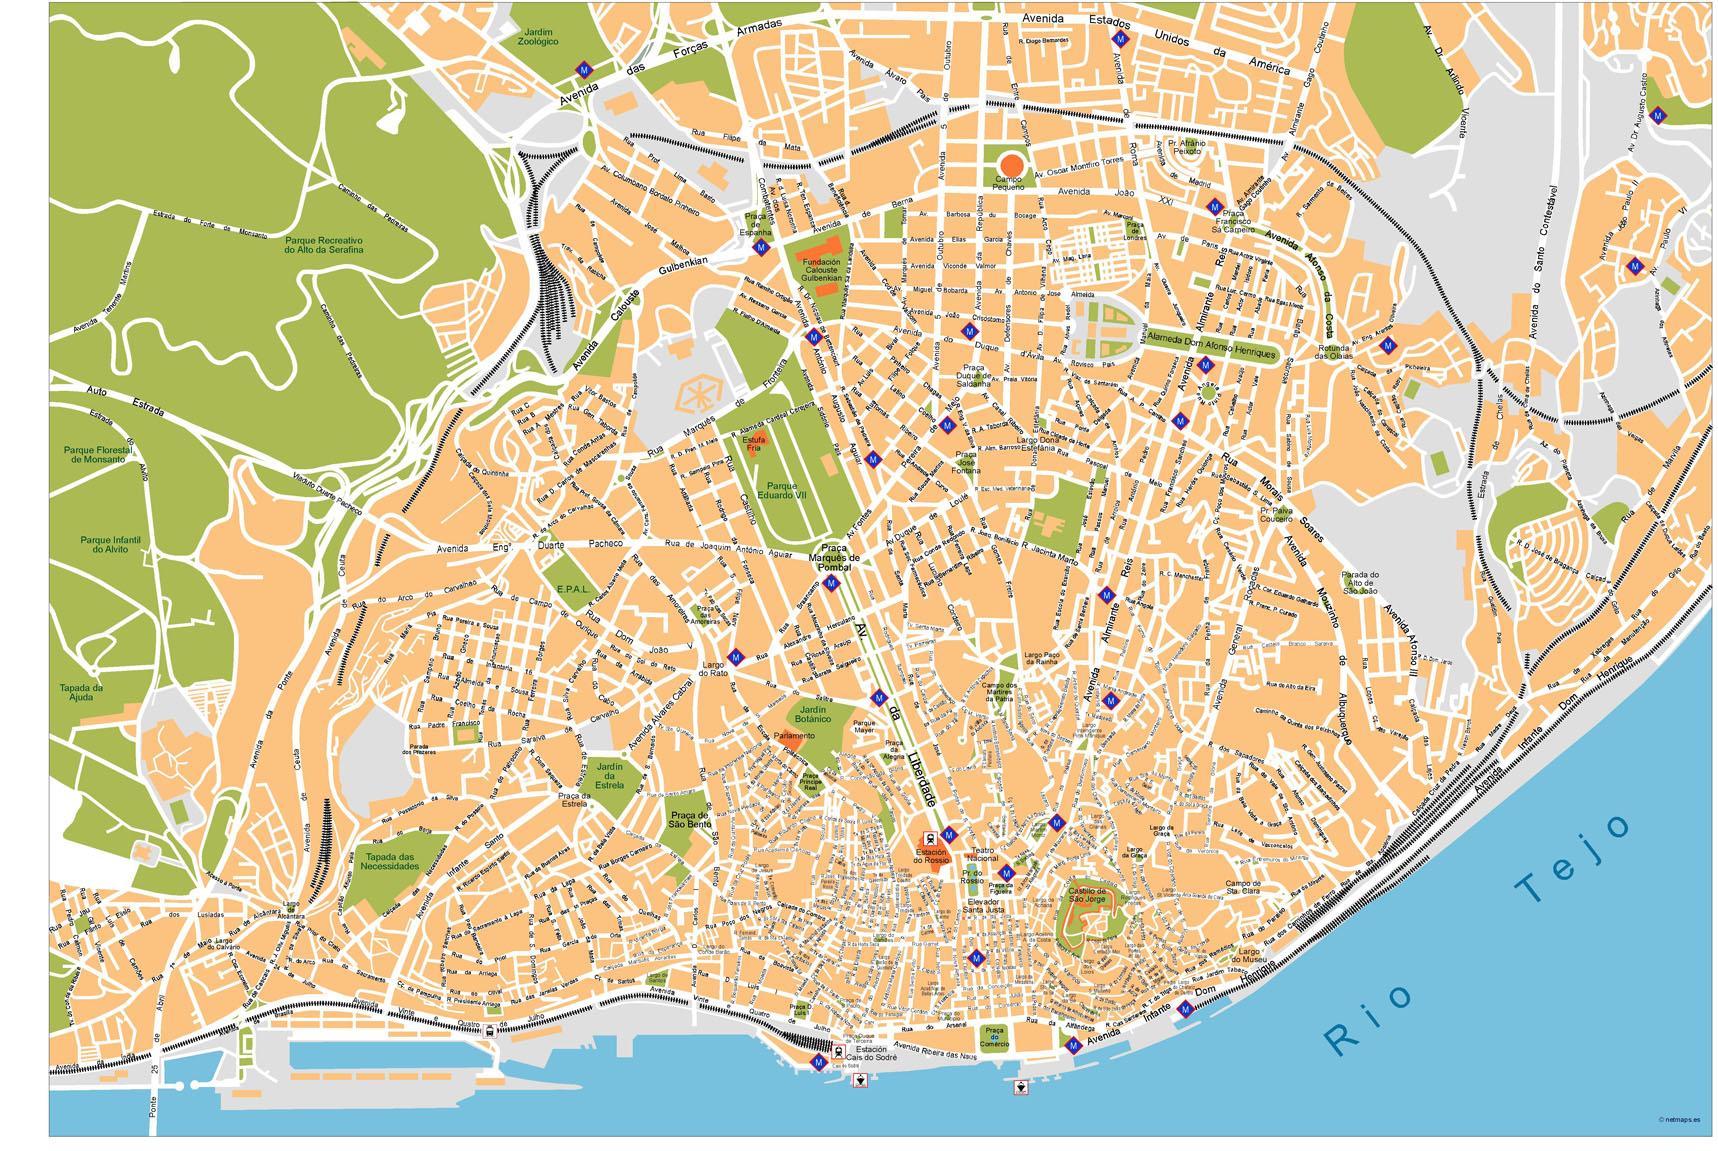 mapa lisboa vector City Vector Maps   Netmaps. Mapas de España y del mundo   Part 5 mapa lisboa vector